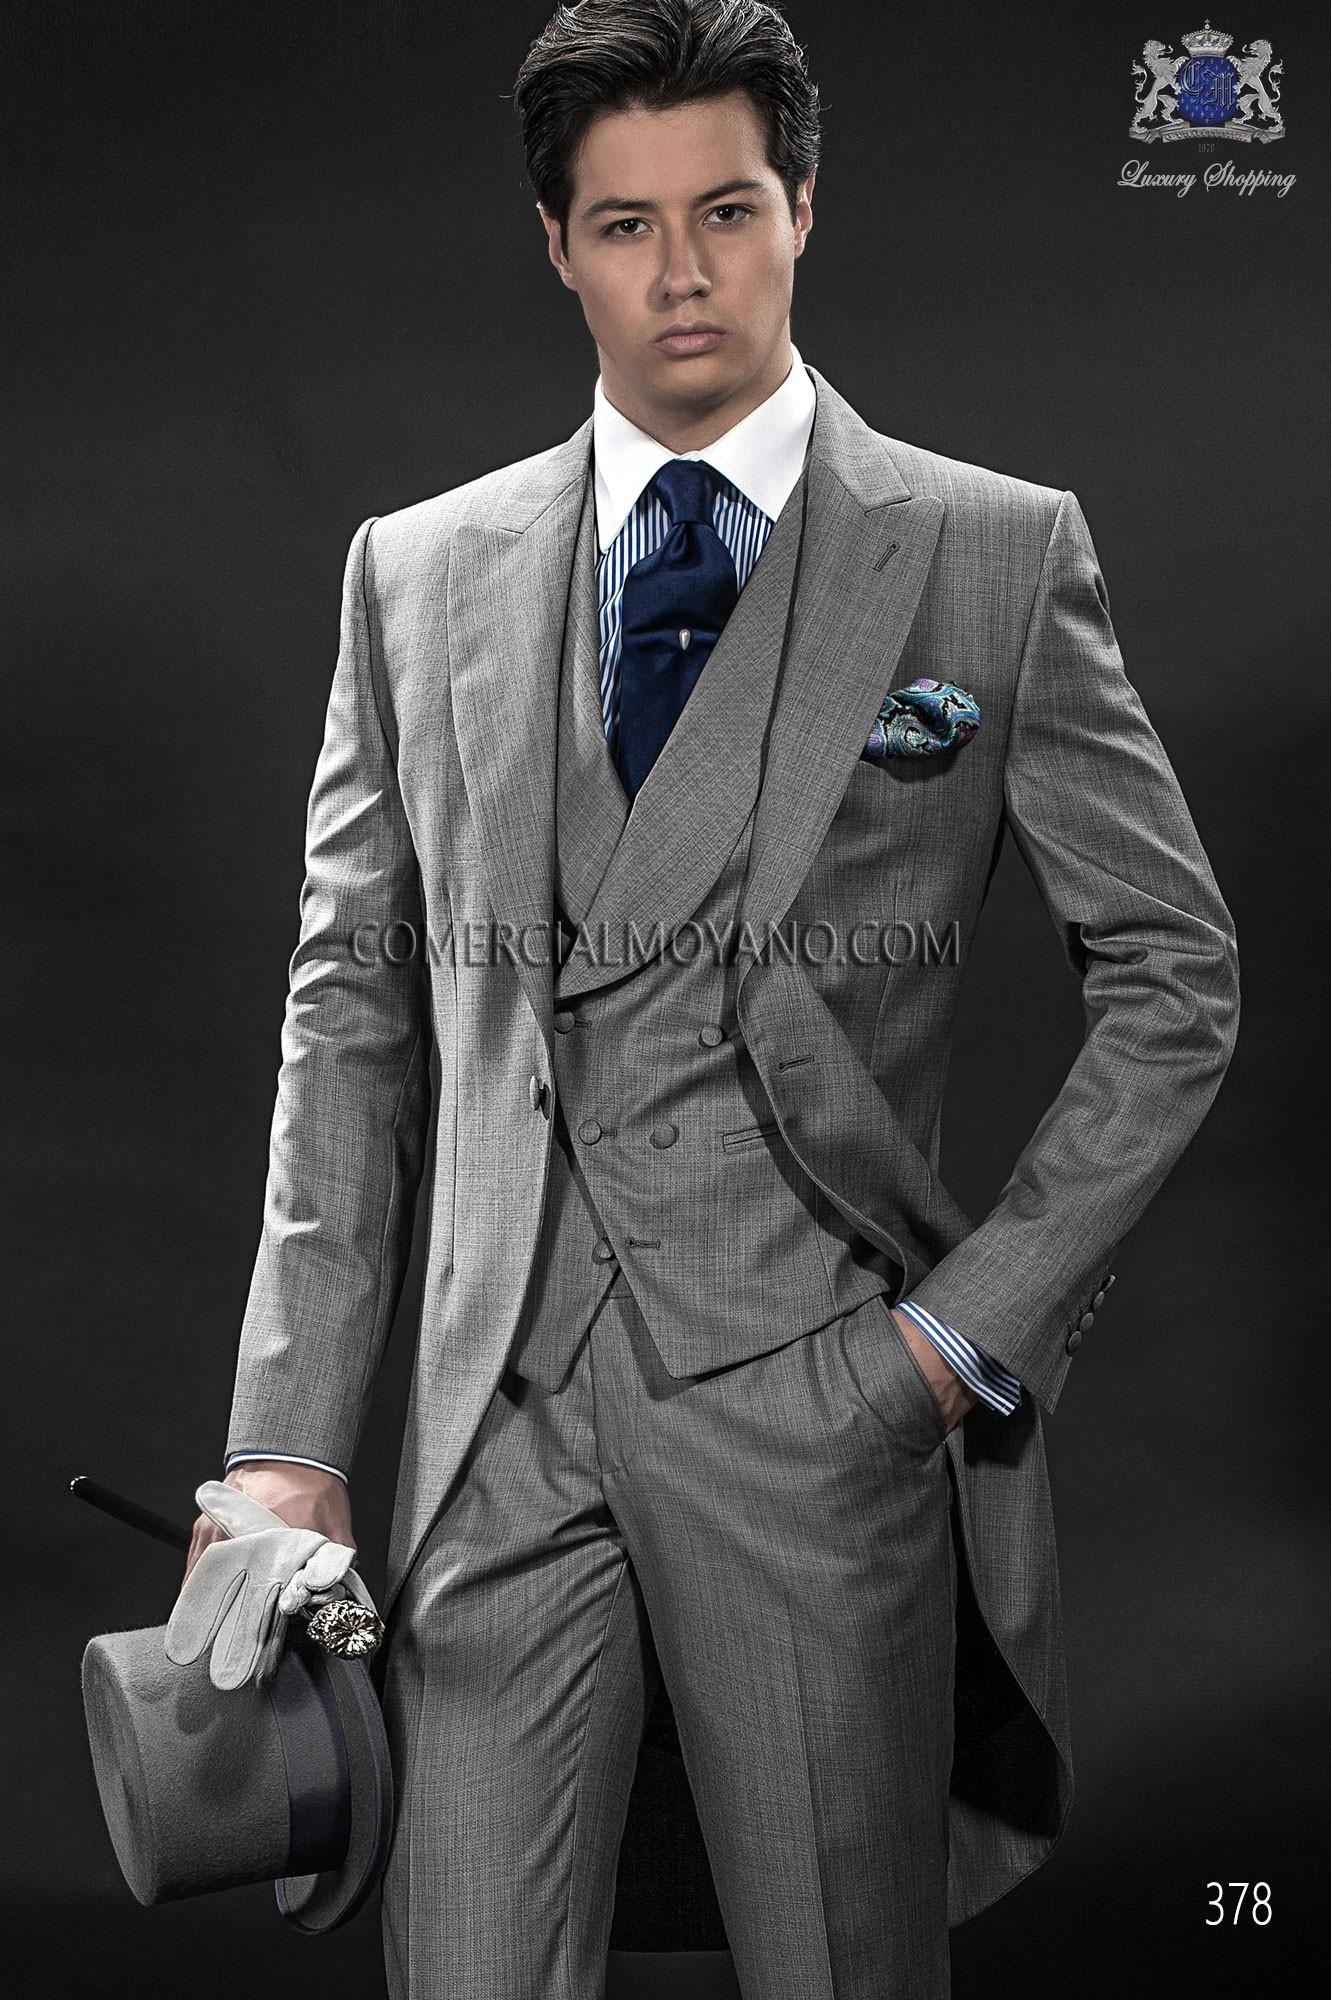 Traje de novio italiano gris modelo: 378 Ottavio Nuccio Gala colección Gentleman 2017